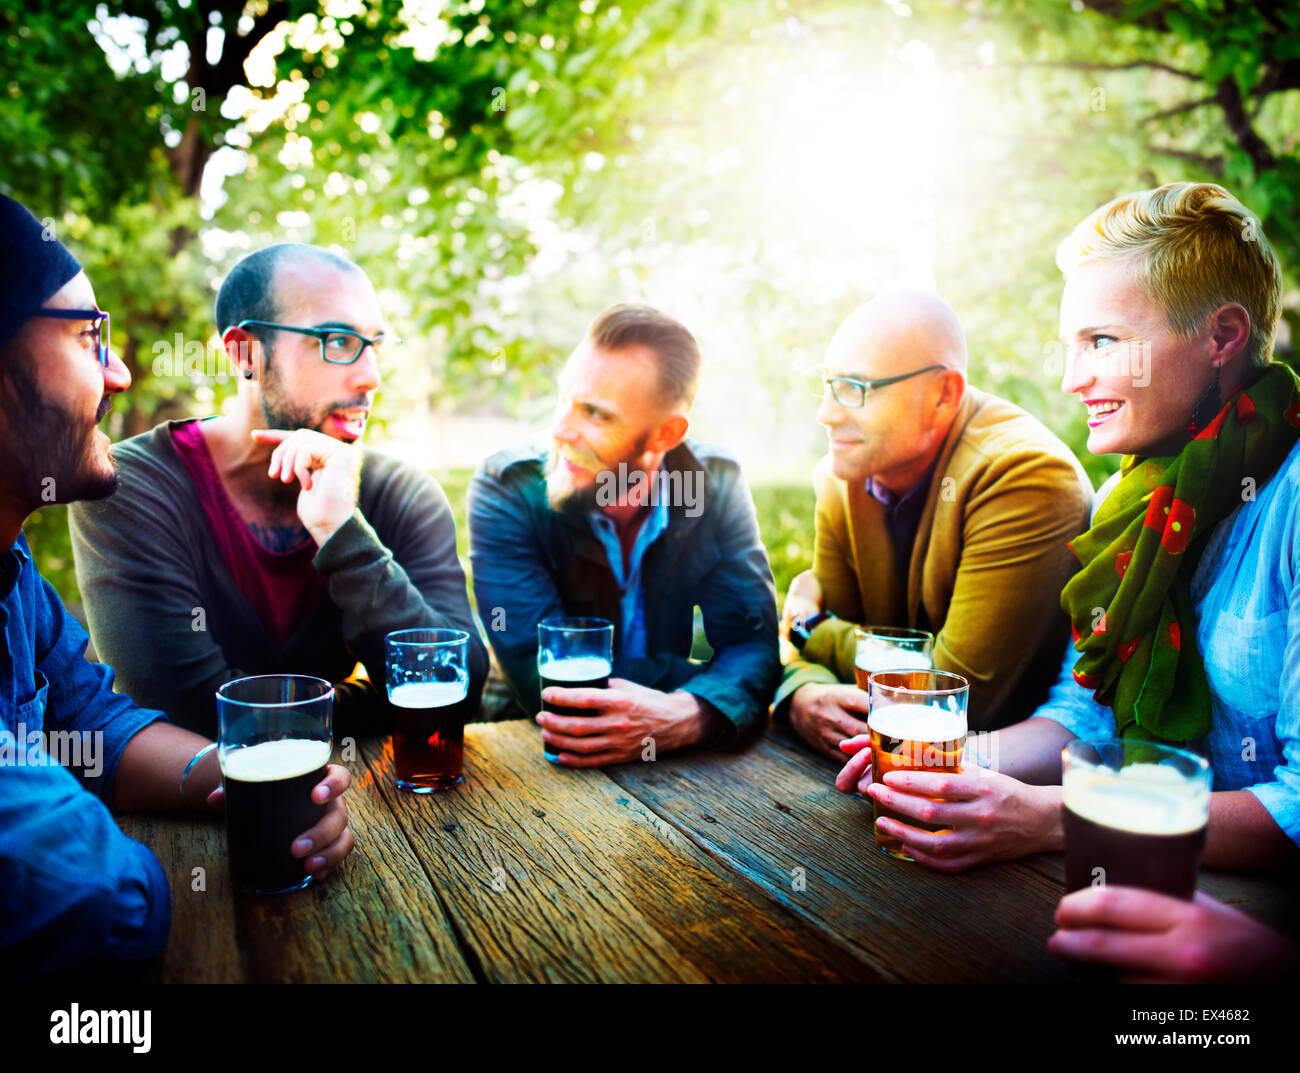 Las personas beben cerveza parte amistad concepto Imagen De Stock